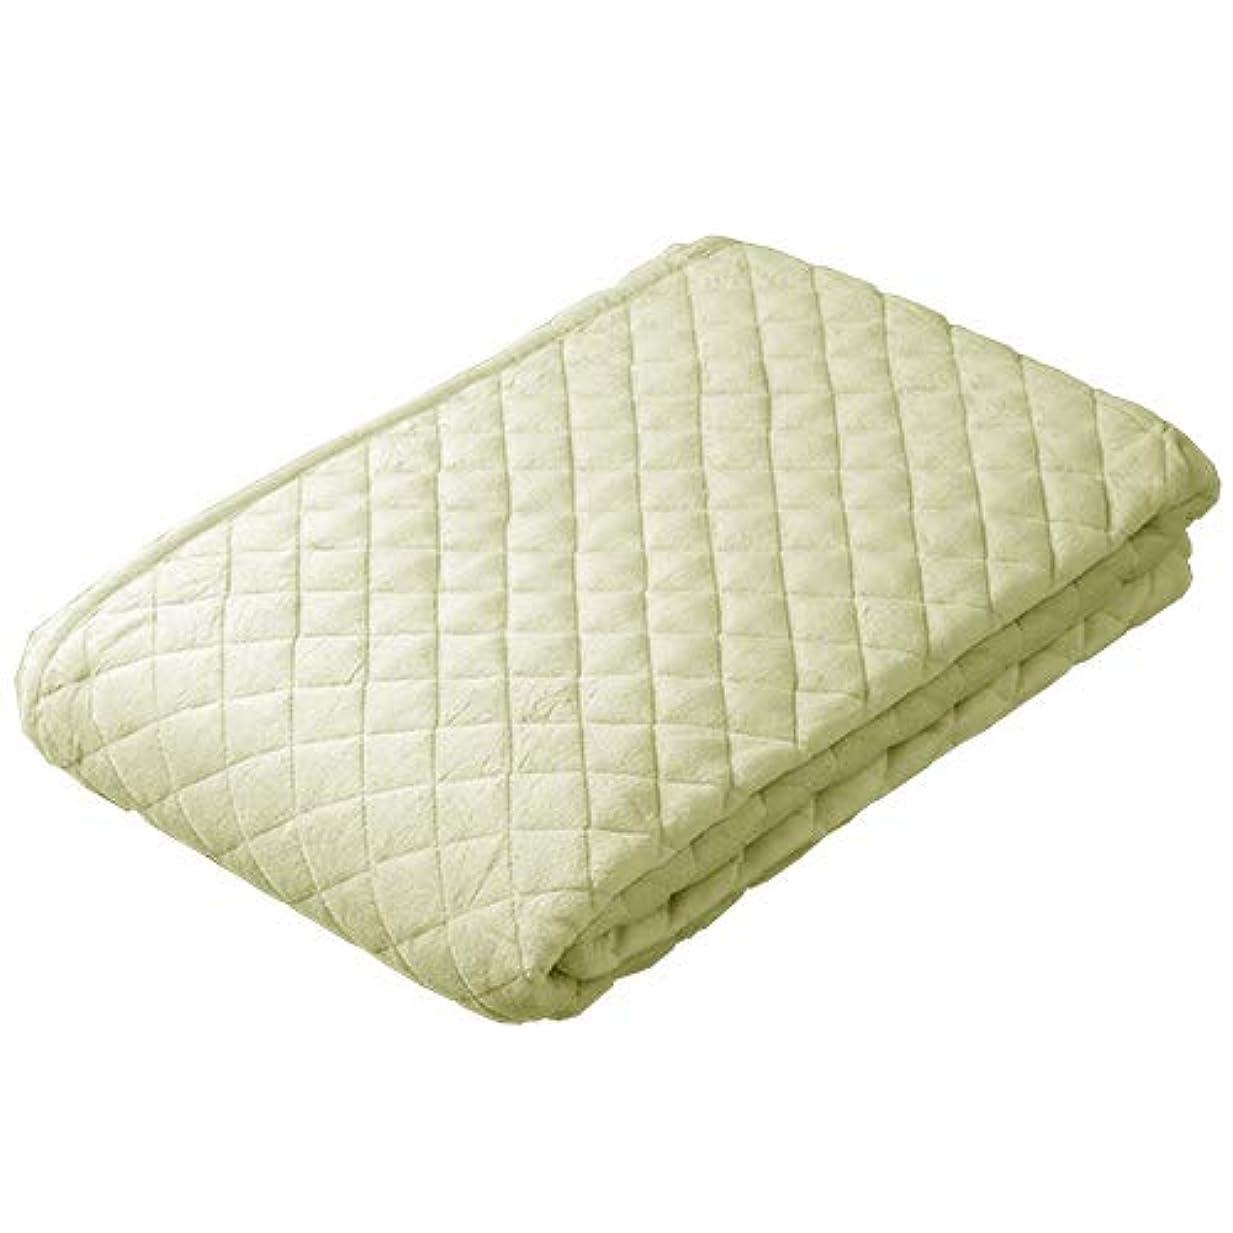 巧みなピック慢な西川リビング 綿マイヤー 敷きパッド ダブル 綿100% ウォッシャブル ベッドパッド 春 秋 冬 暖か 7619 オリーブ[50][91616] ダブル